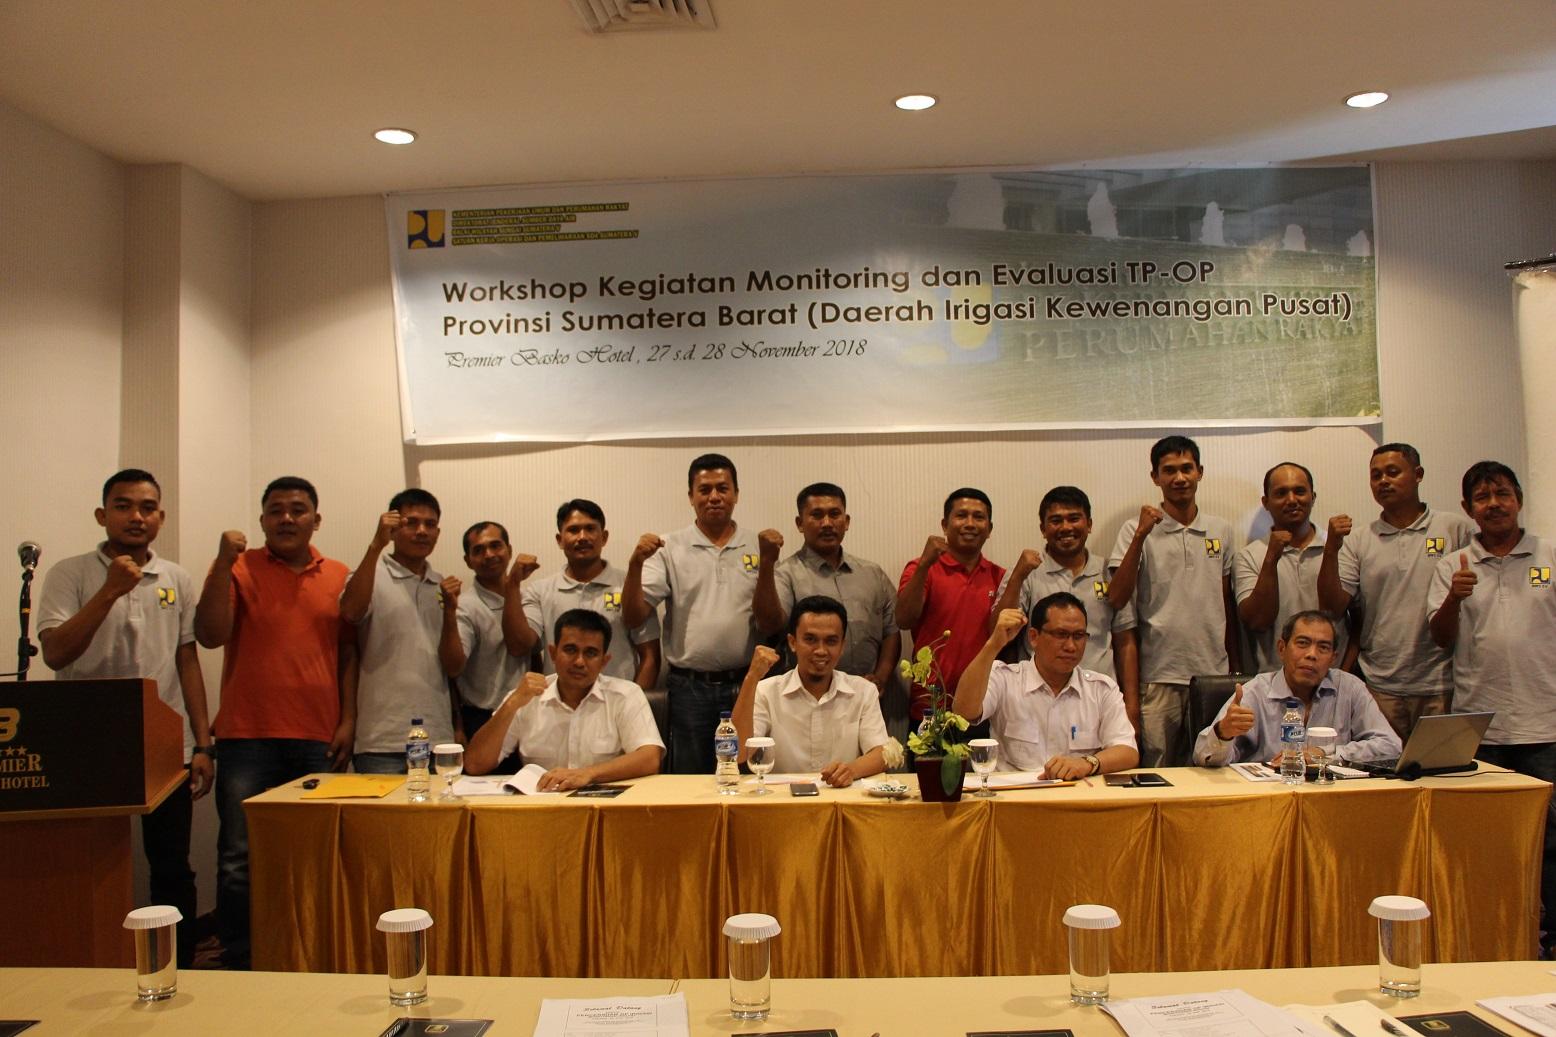 Workshop Kegiatan Monitoring dan Evaluasi TP-OP Provinsi Sumatera Barat Bicarakan Kebijakan O&P Irigasi Ke Depan